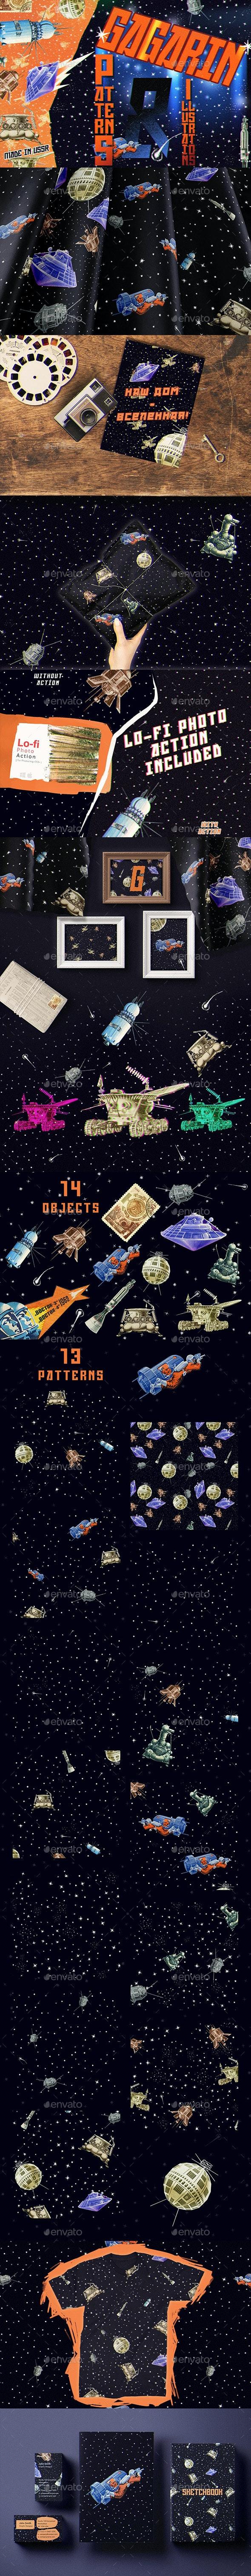 Gagarin - Patterns & Illustrations - Scenes Illustrations